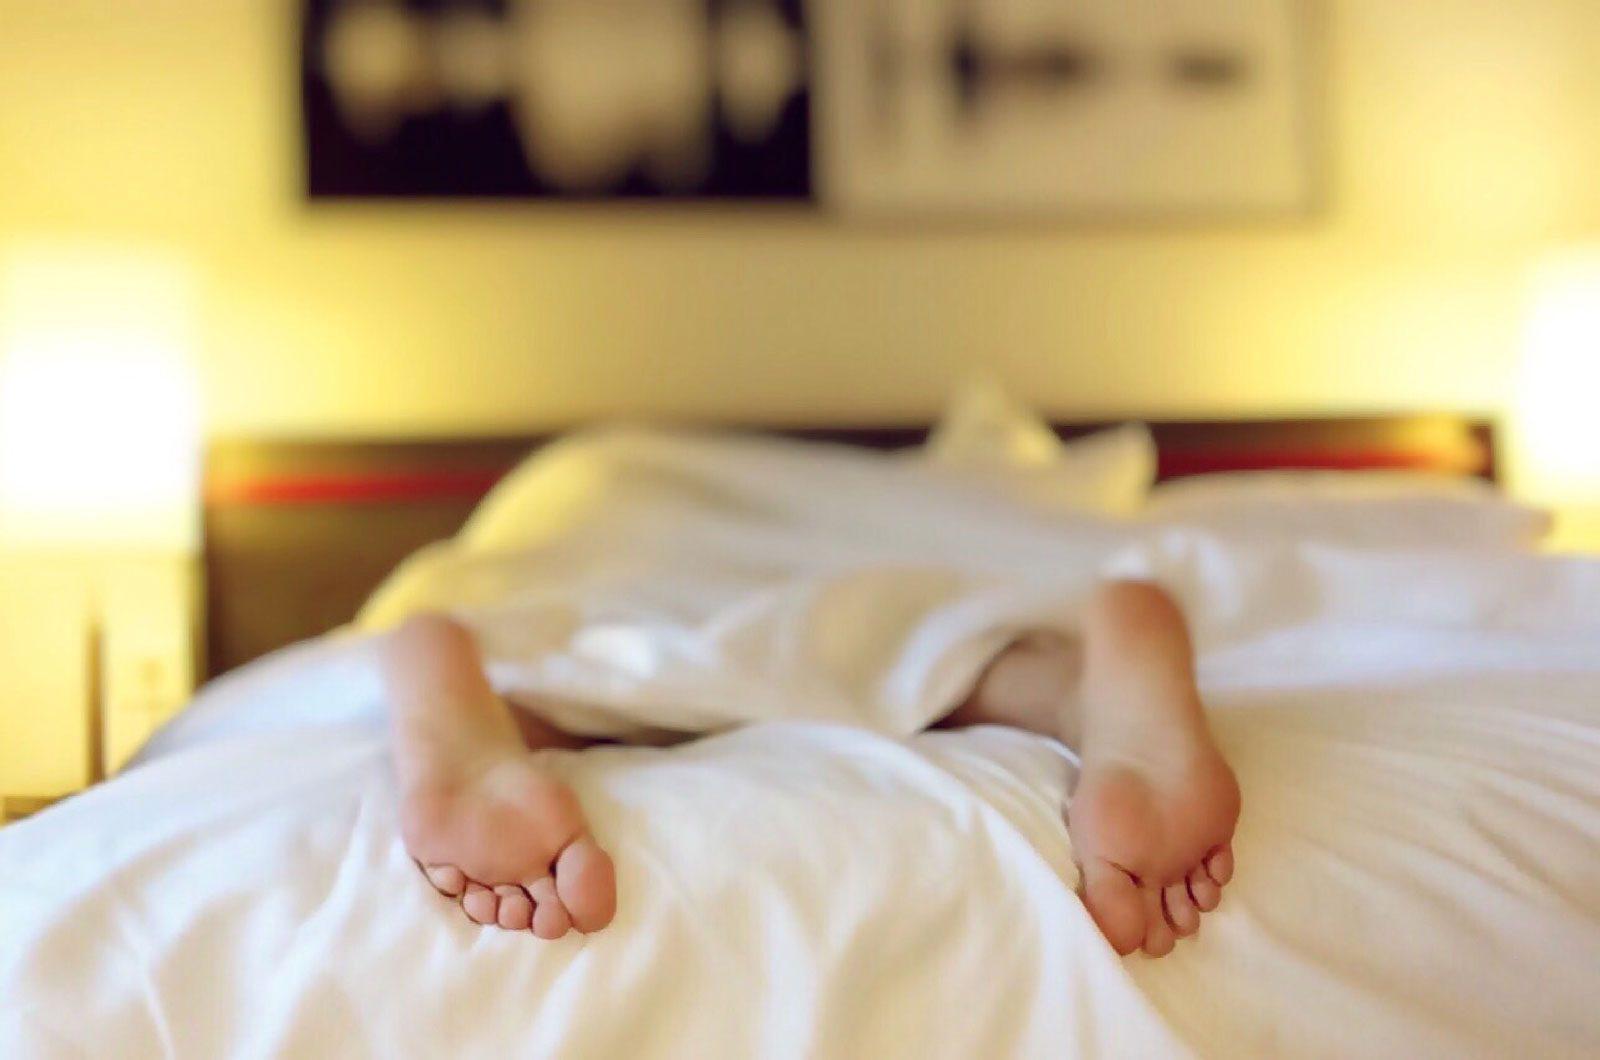 Posizione del letto per dormire design for Lamantin materassi